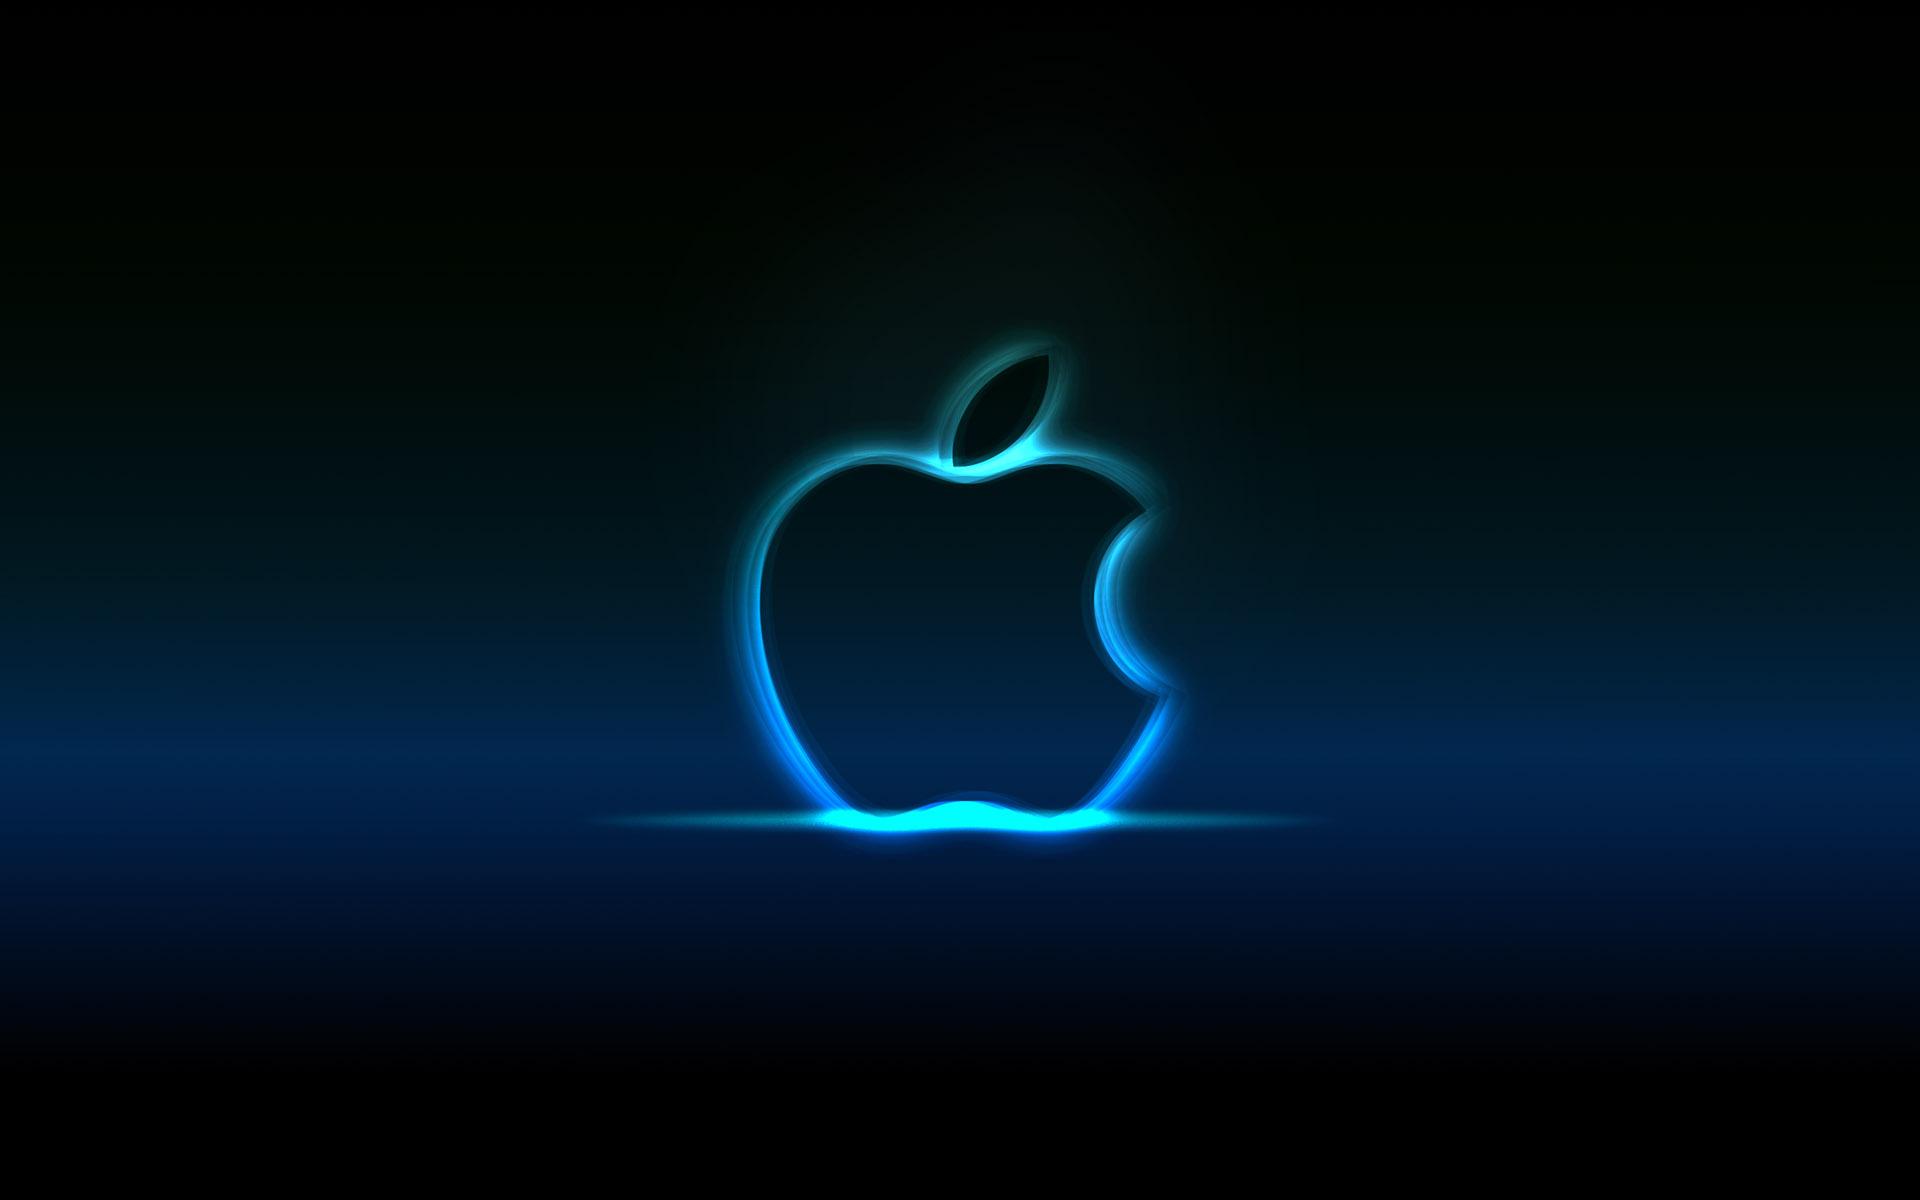 366148.jpg 1,920×1,200 pixels Apple wallpaper, Hd apple